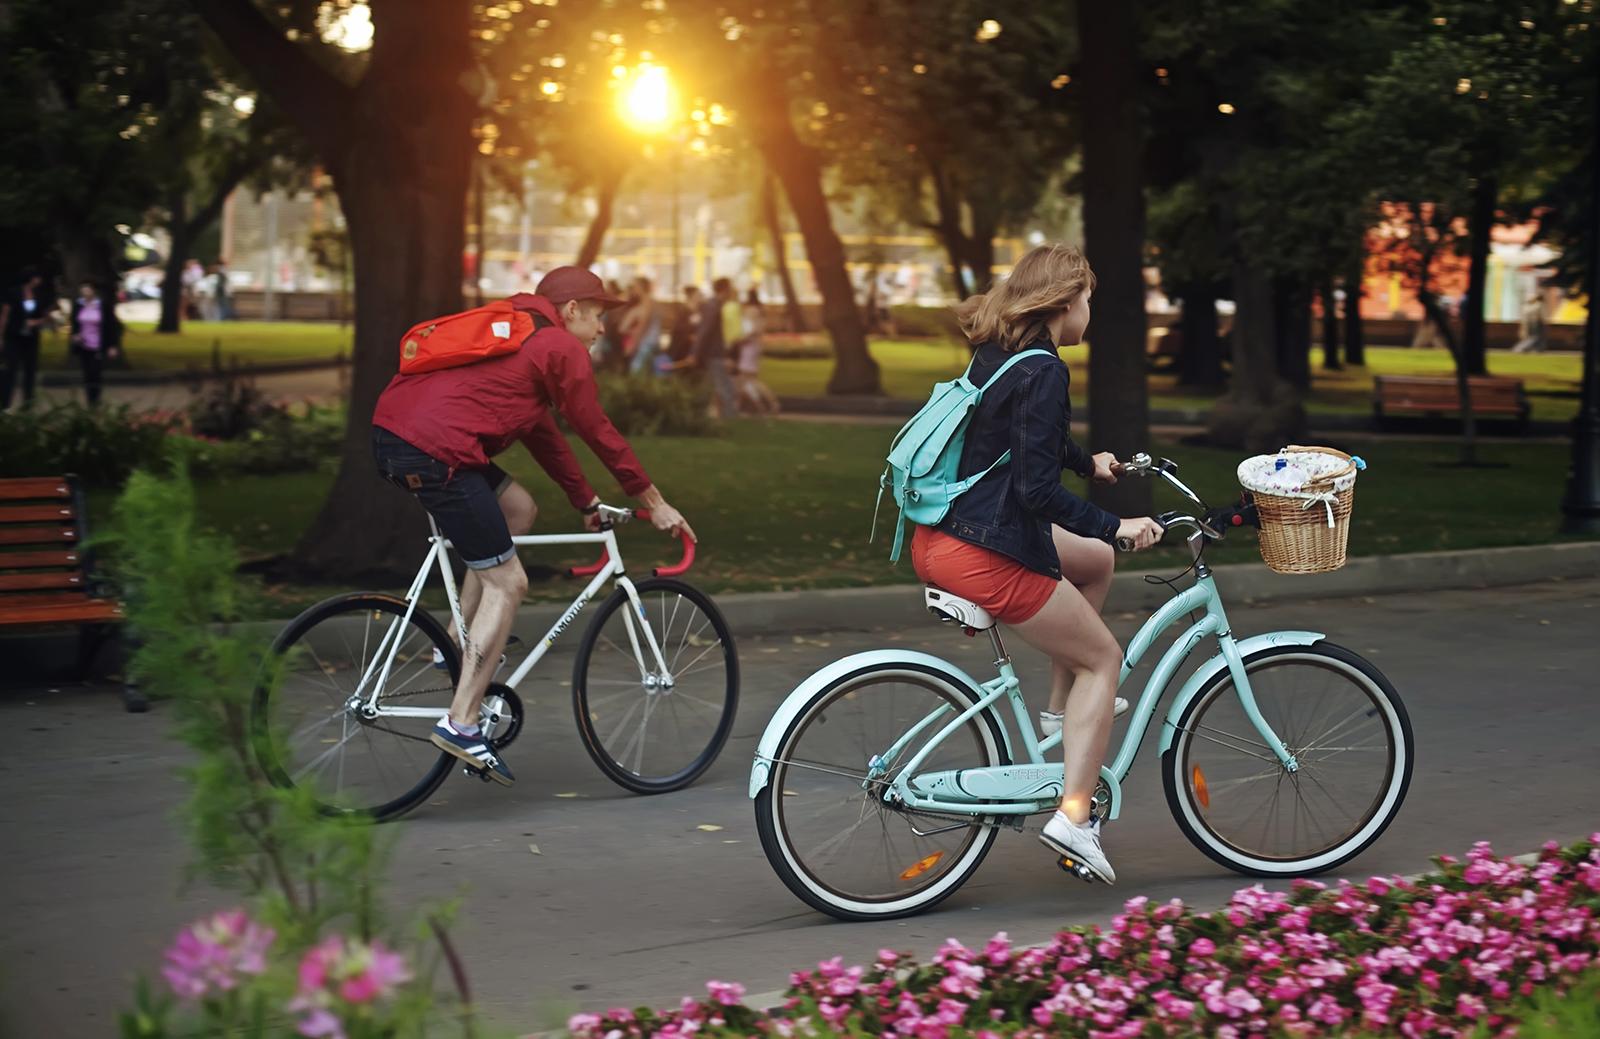 Онлайн Велосипед Игры на двоих бесплатно